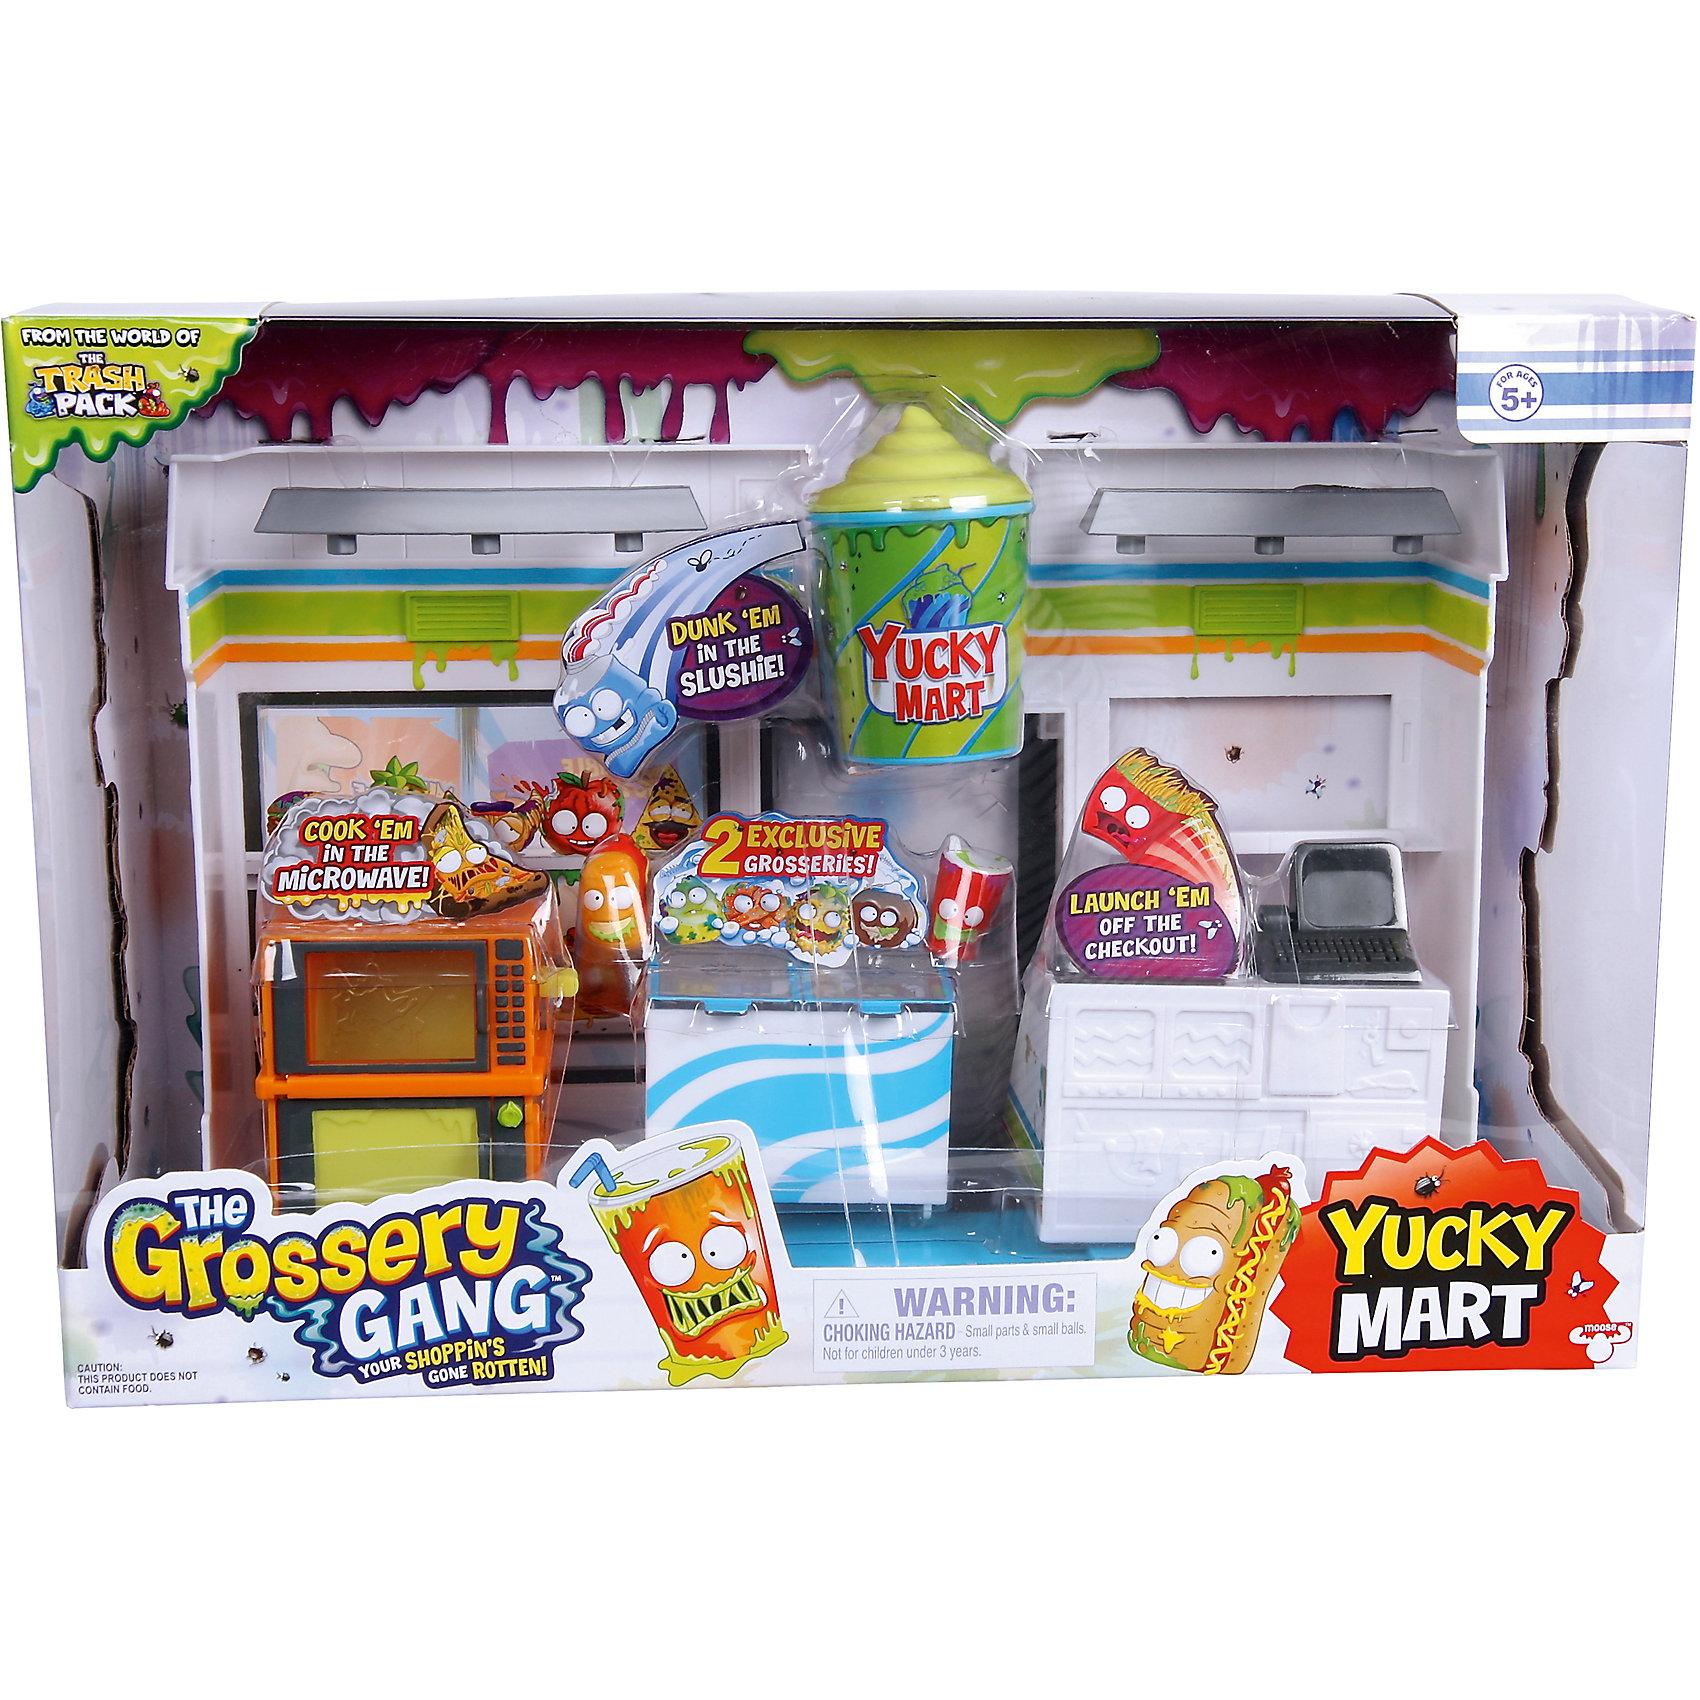 Набор Супермаркет с 2 фигурками, The Grossery GangДетские магазины и аксесссуары<br>Набор Супермаркет с 2 фигурками, Moose (Мус)<br><br>Характеристики:<br><br>• микроволновка и холодильник имеют открывающиеся дверцы<br>• изображение фигурок на прилавке<br>• 2 фигурки в комплекте<br>• материал: пластик<br>• размер упаковки: 34,5х23х12 см<br>• вес: 617 грамм<br>• в комплекте: 2 фигурки, супермаркет, буклет<br><br>Серия The Grossery Gang посвящена продуктам, которые оставили на полках в супермаркете. Конечно же, они испортились и стали очень злыми и вредными. Супермаркет Moose - то самое место, с которого начались приключения маленьких хулиганов. В комплект входят прилавки, микроволновка и холодильник. Их дверцы открываются для большего разнообразия игр. В комплект также входят 2 фигурки The Grossery Gang и буклет со всеми персонажами. Придумайте интересные истории про маленьких продуктовых хулиганов!<br><br>Набор Супермаркет с 2 фигурками, Moose (Мус) вы можете купить в нашем интернет-магазине.<br><br>Ширина мм: 120<br>Глубина мм: 230<br>Высота мм: 345<br>Вес г: 617<br>Возраст от месяцев: 60<br>Возраст до месяцев: 2147483647<br>Пол: Женский<br>Возраст: Детский<br>SKU: 5397301